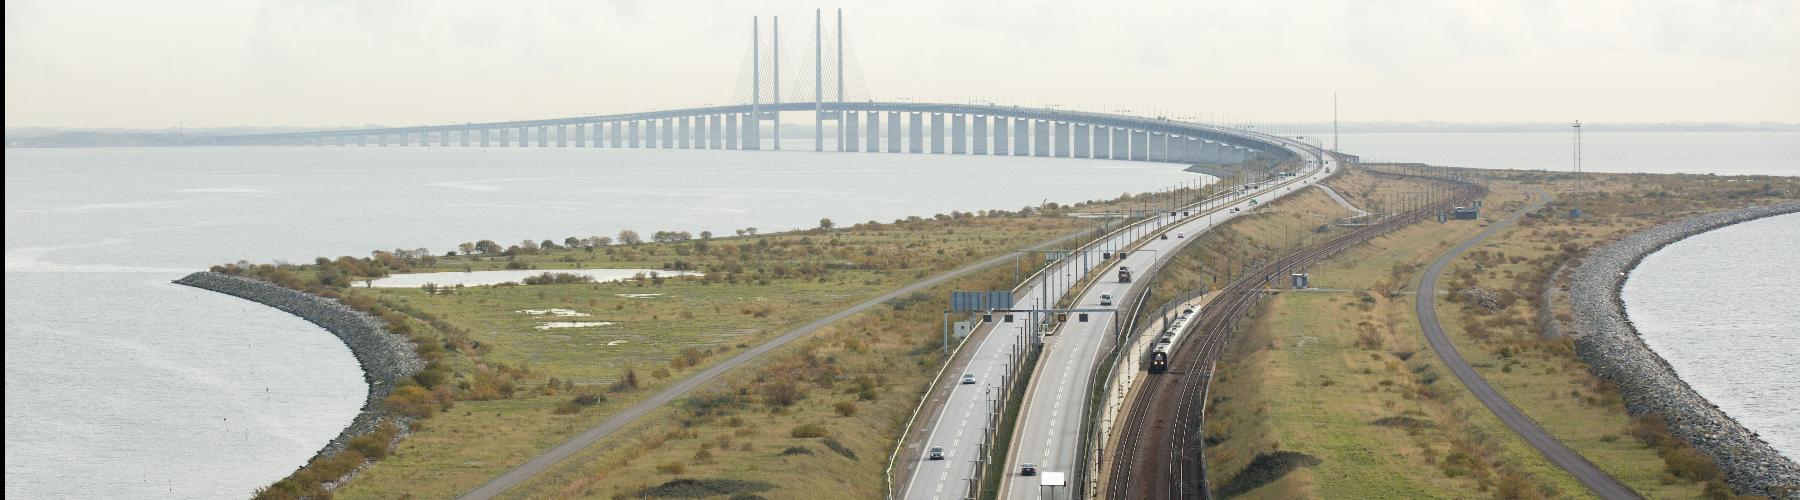 Øresundsbron cover image